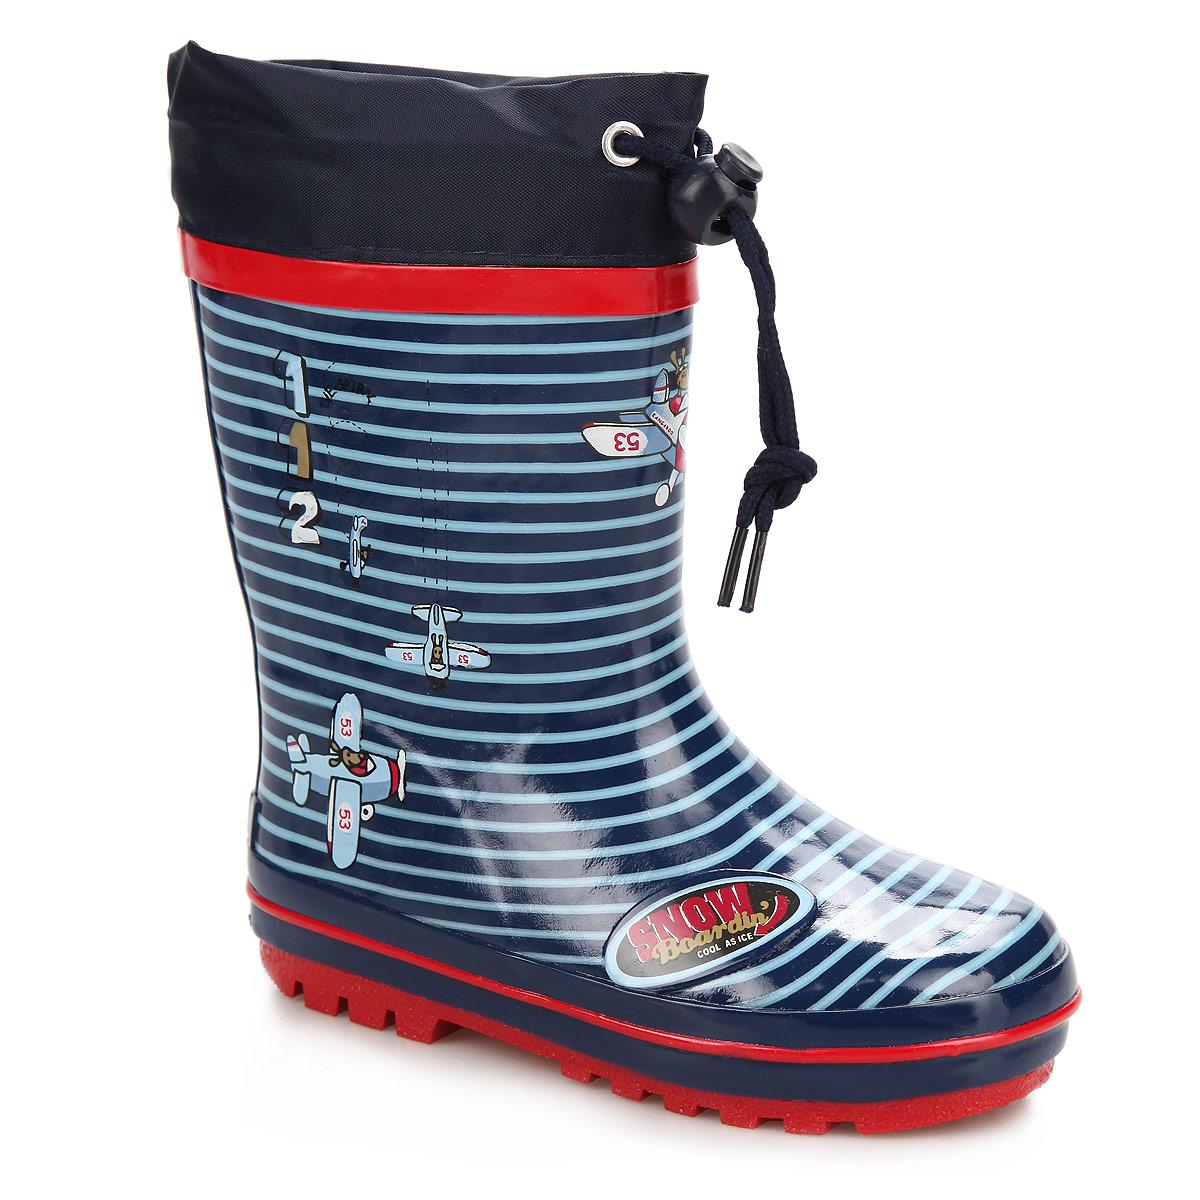 Сапоги резиновые для мальчика Flamingo, цвет: темно-синий, красный. W5511. Размер 28W5511Утепленные резиновые сапожки Flamingo - идеальная обувь в дождливую погоду. Сапоги выполнены из качественной резины, оформлены рисунками в виде самолетиков и логотипом бренда. Подкладка из шерсти, подарит ощущение комфорта вашему малышу. Текстильный верх голенища регулируется в объеме за счет шнурка с бегунком. Резиновые сапожки прекрасно защитят ножки вашего ребенка от промокания в дождливый день.